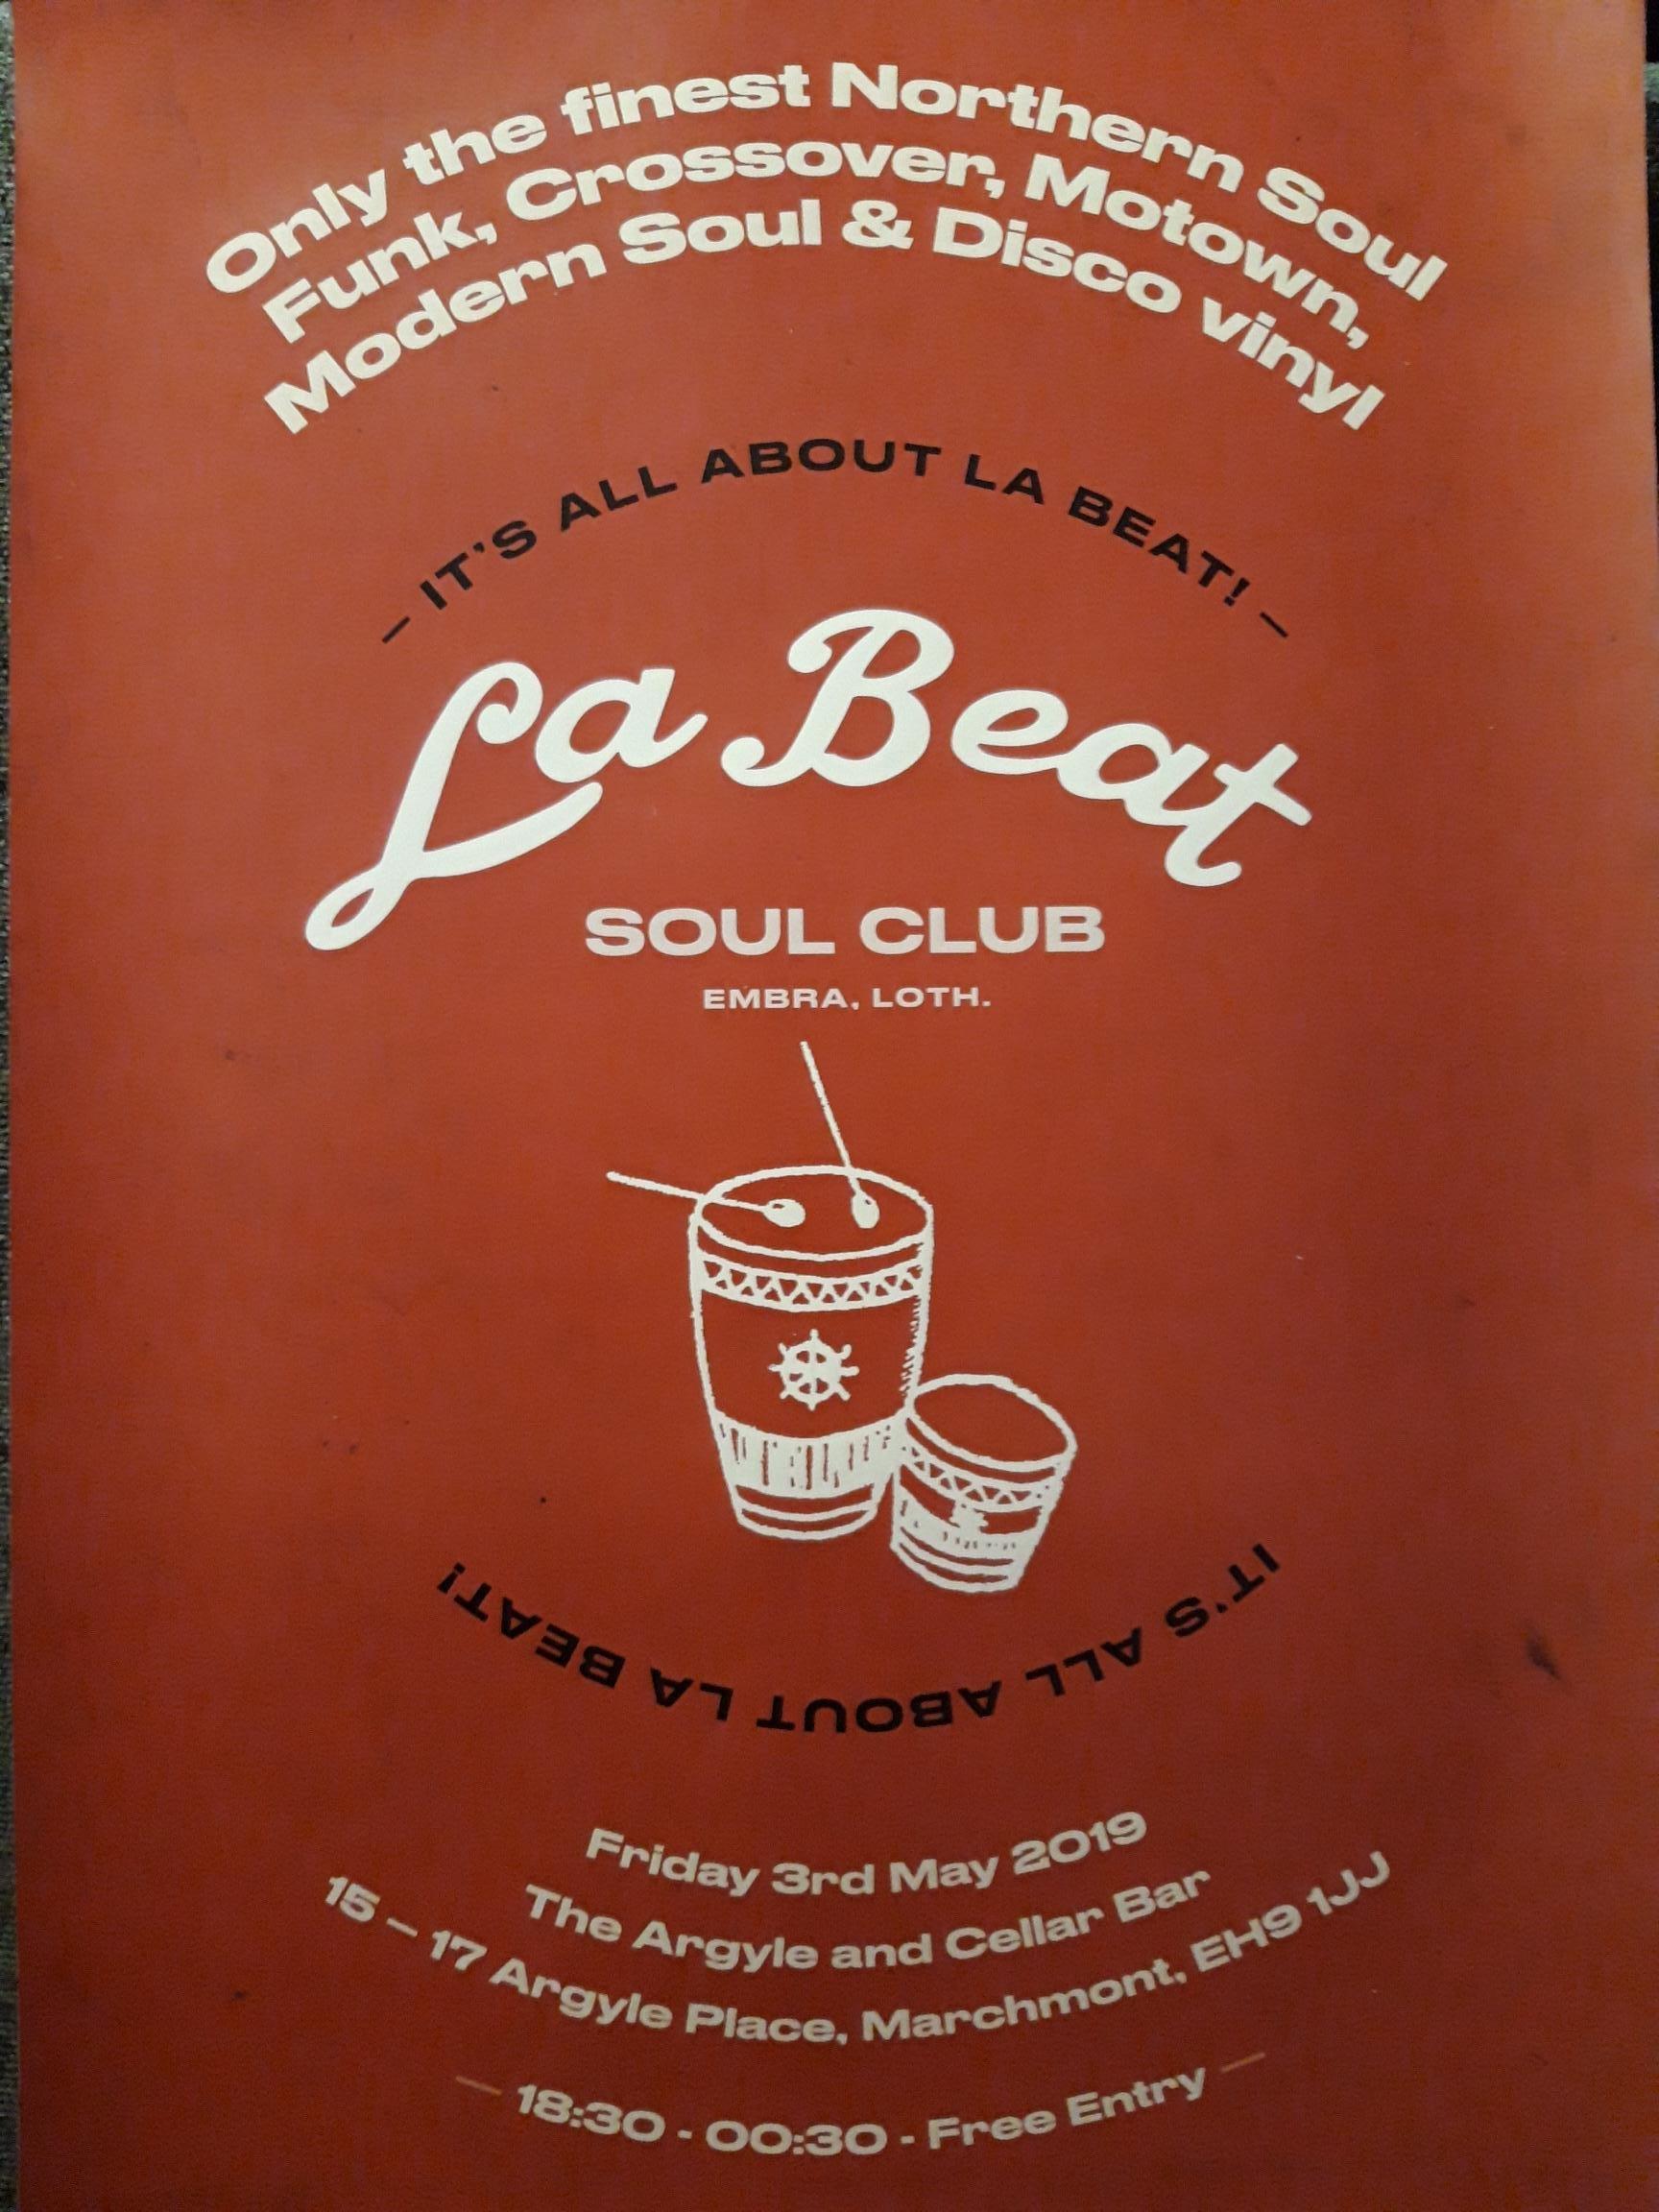 La Beat Soul Club flyer